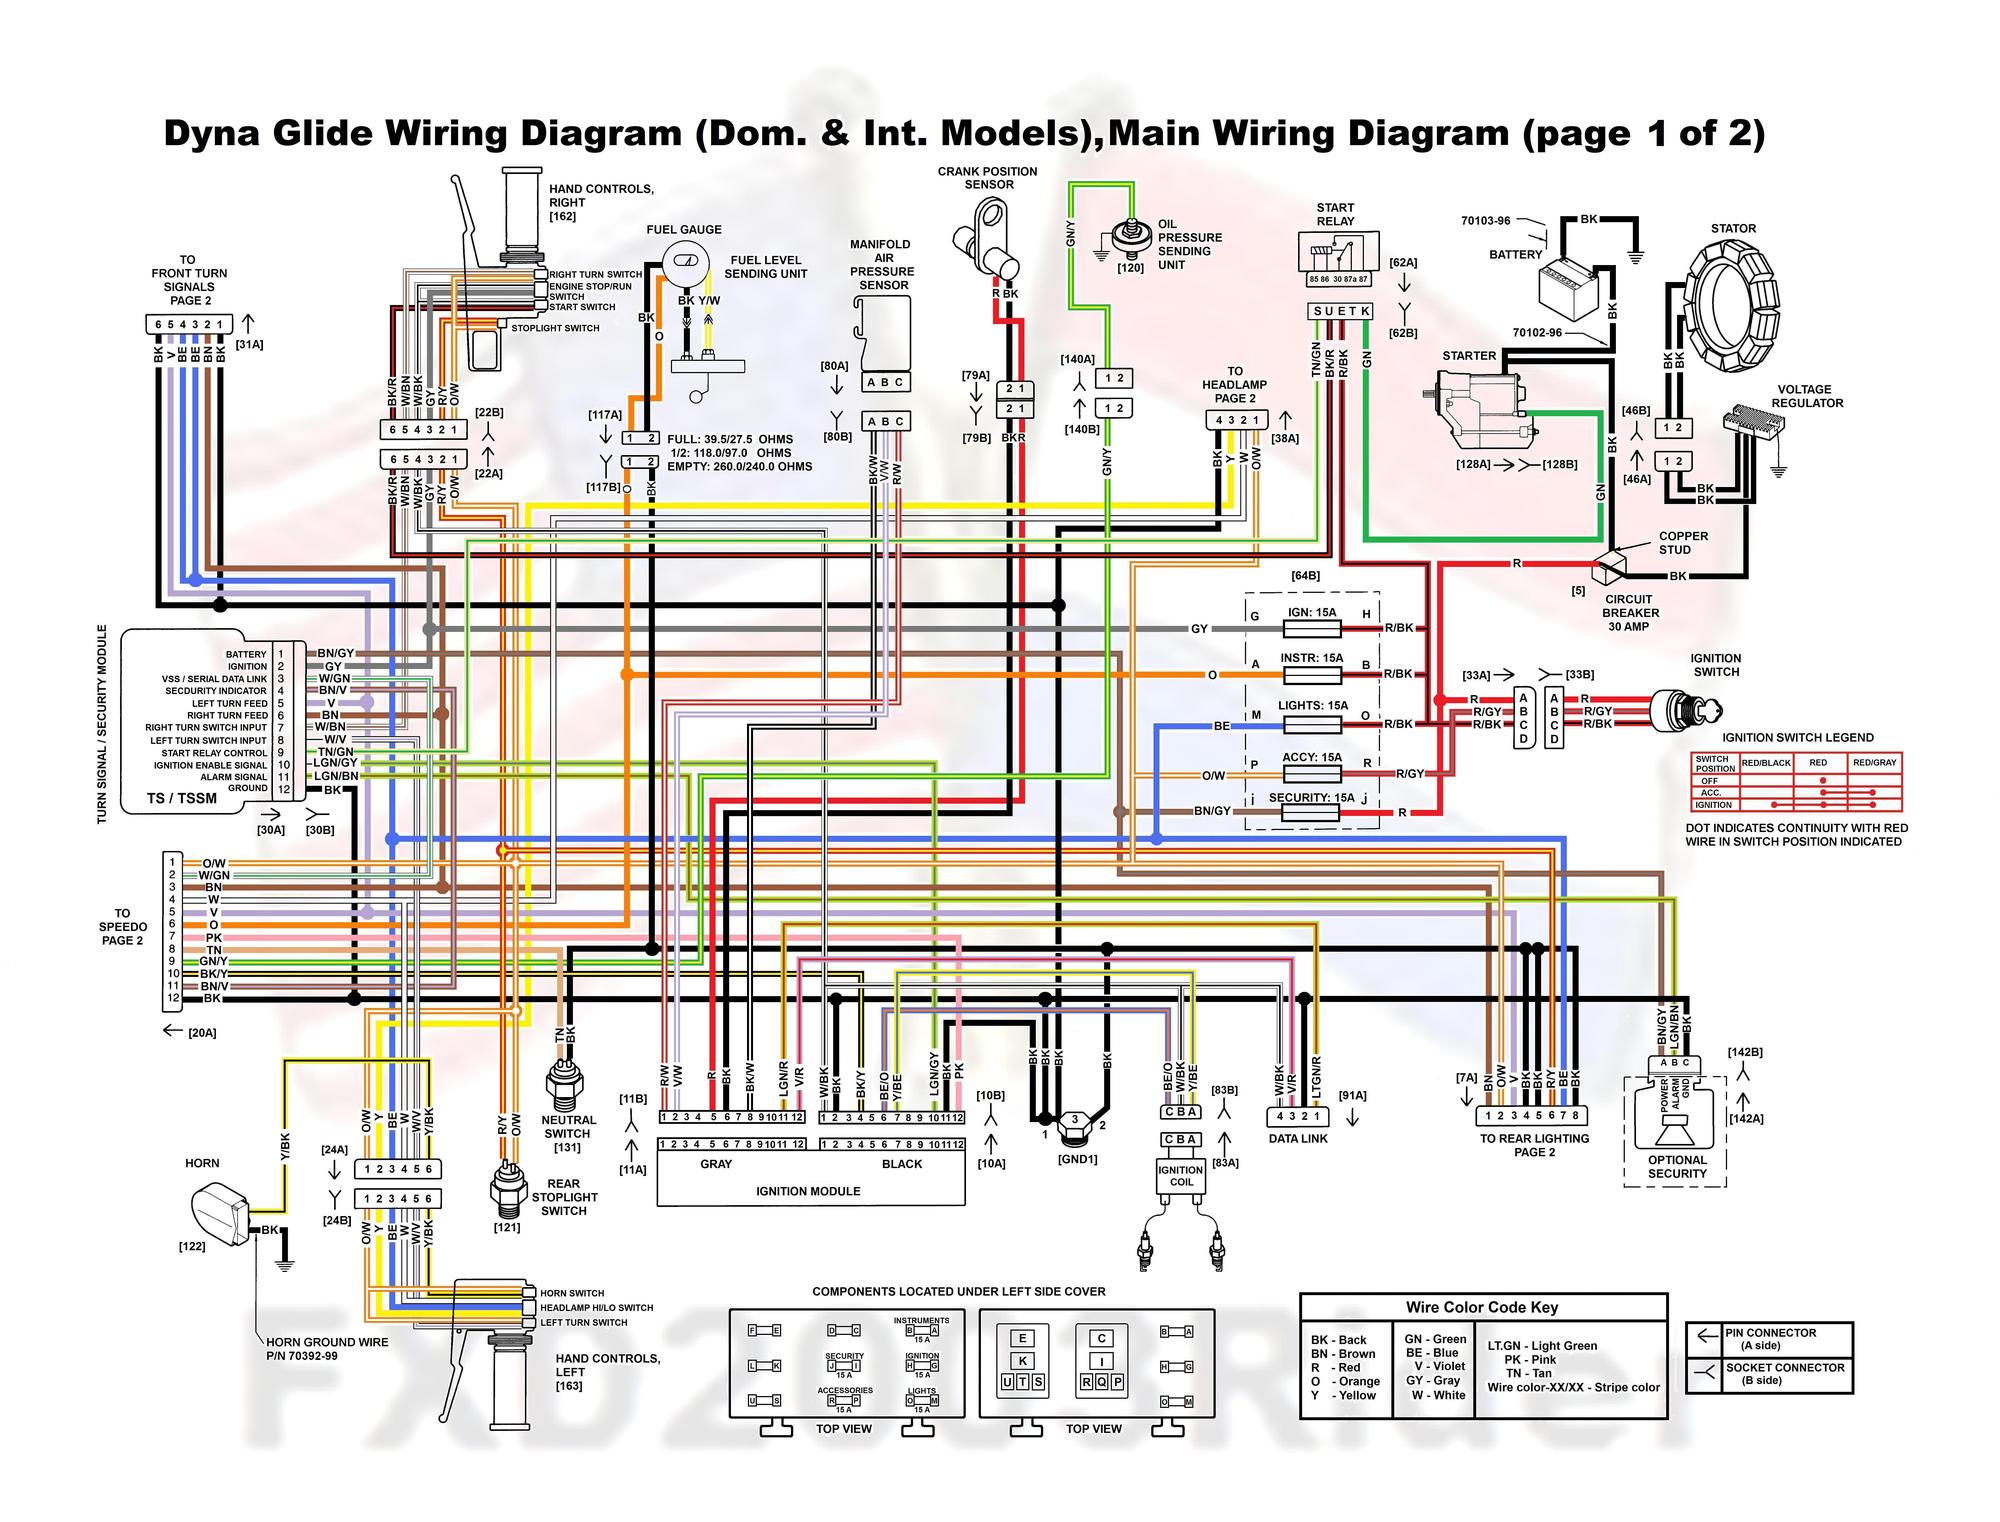 Simple Harley Wiring Diagram Free For You Davidson Schematics And Diagrams Ebooks U2022 Rh Ebathletics Co Basic Chopper